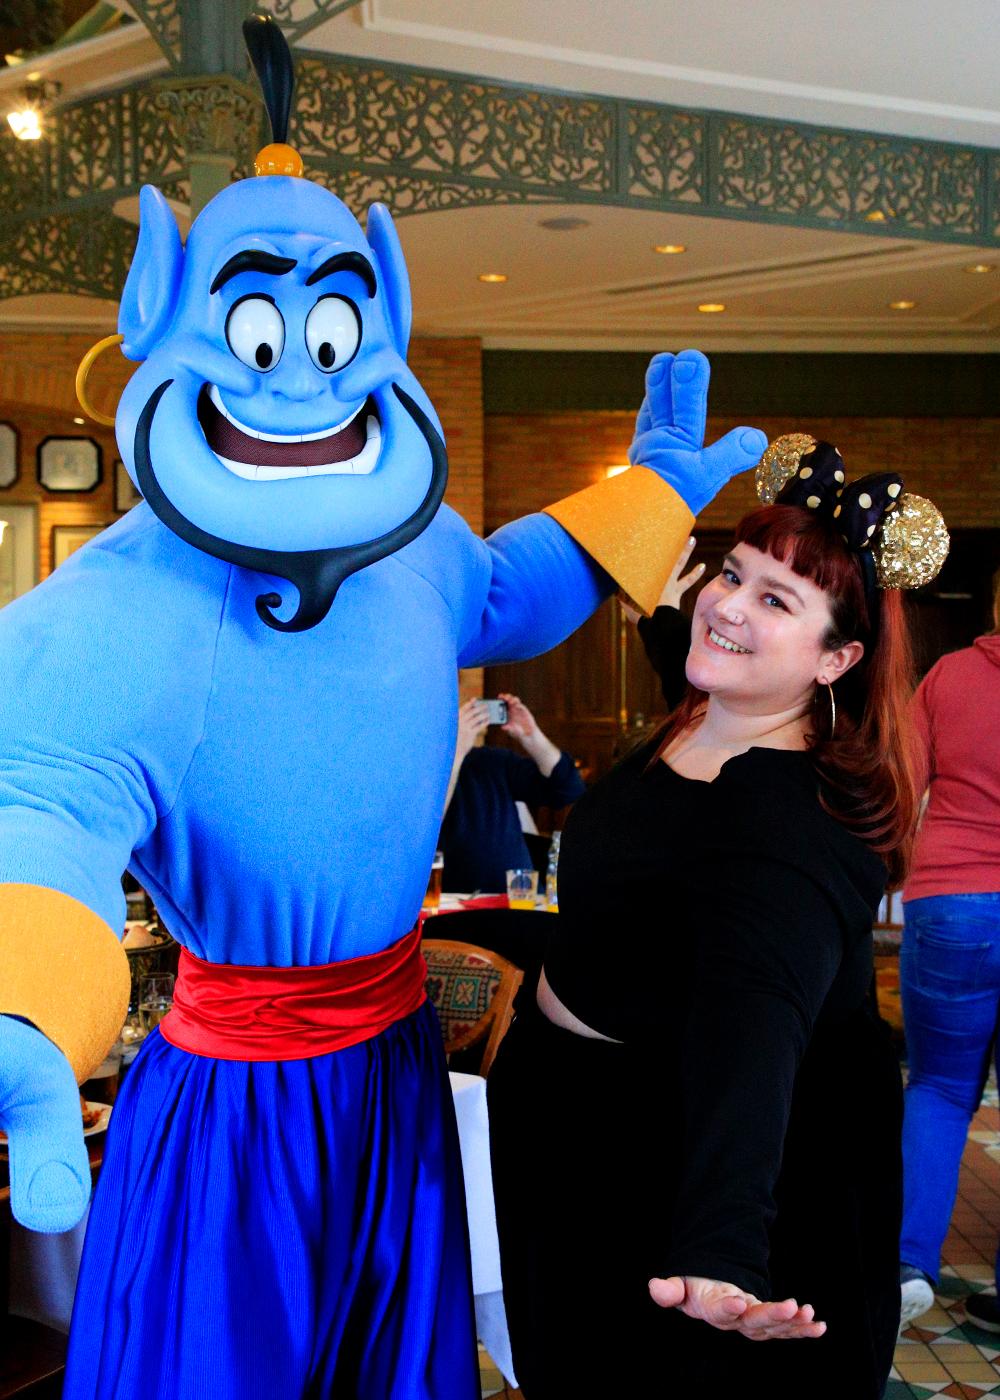 [Trip Report DLP] ÉPISODE BONUS : A Whole New World au Disneyland Hotel - Page 2 Brunch_16